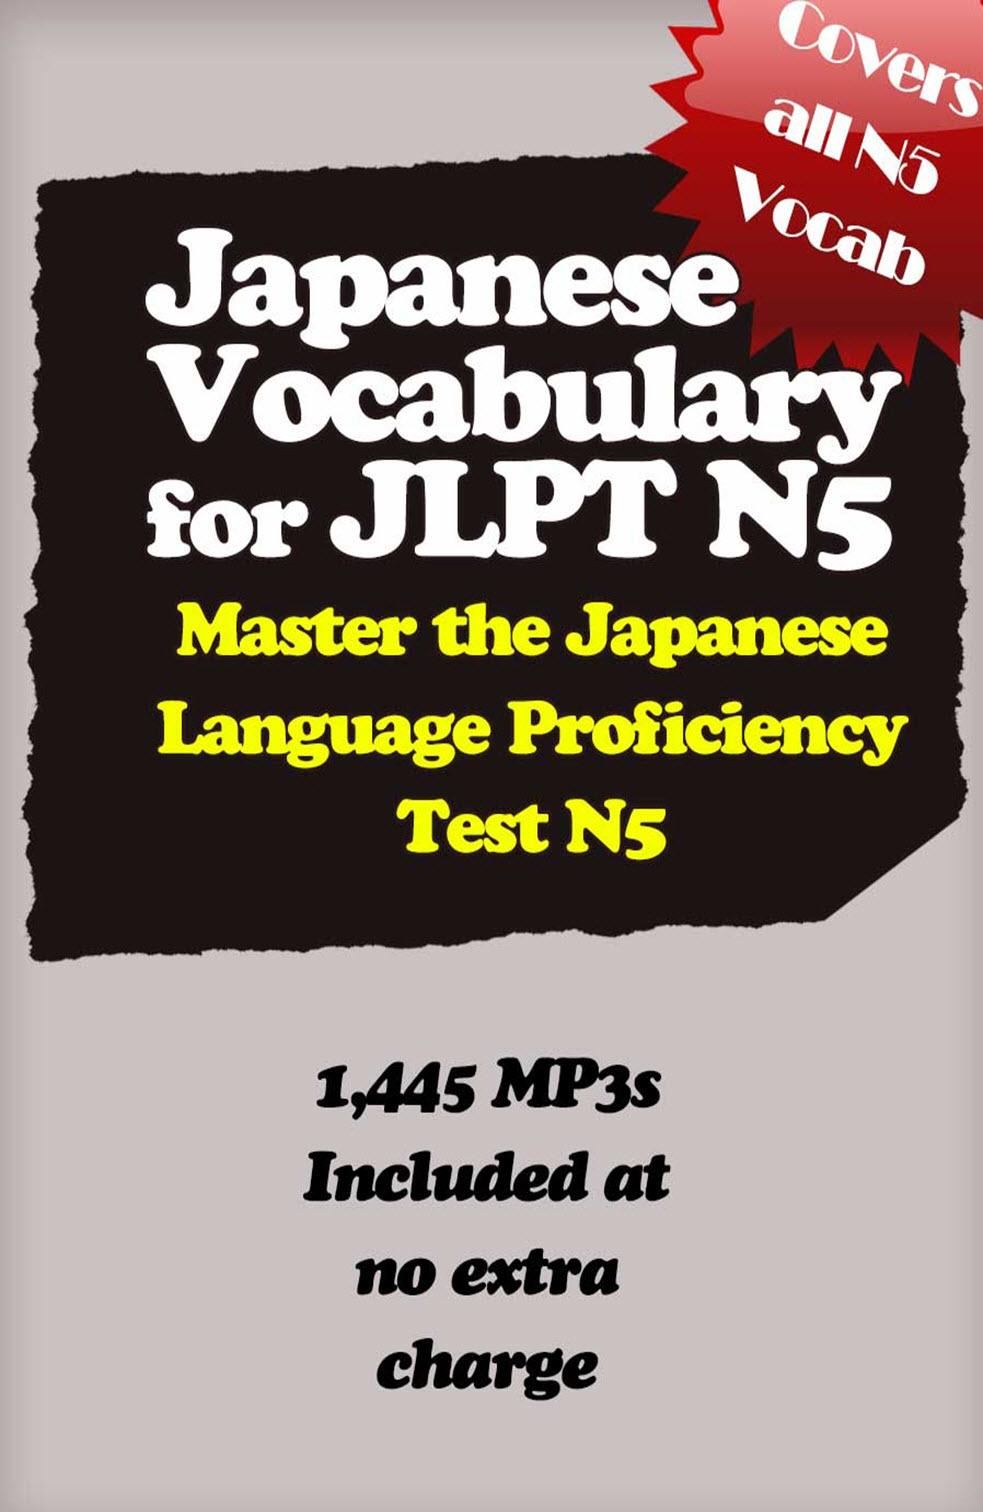 Japanese Vocabulary for JLPT N5